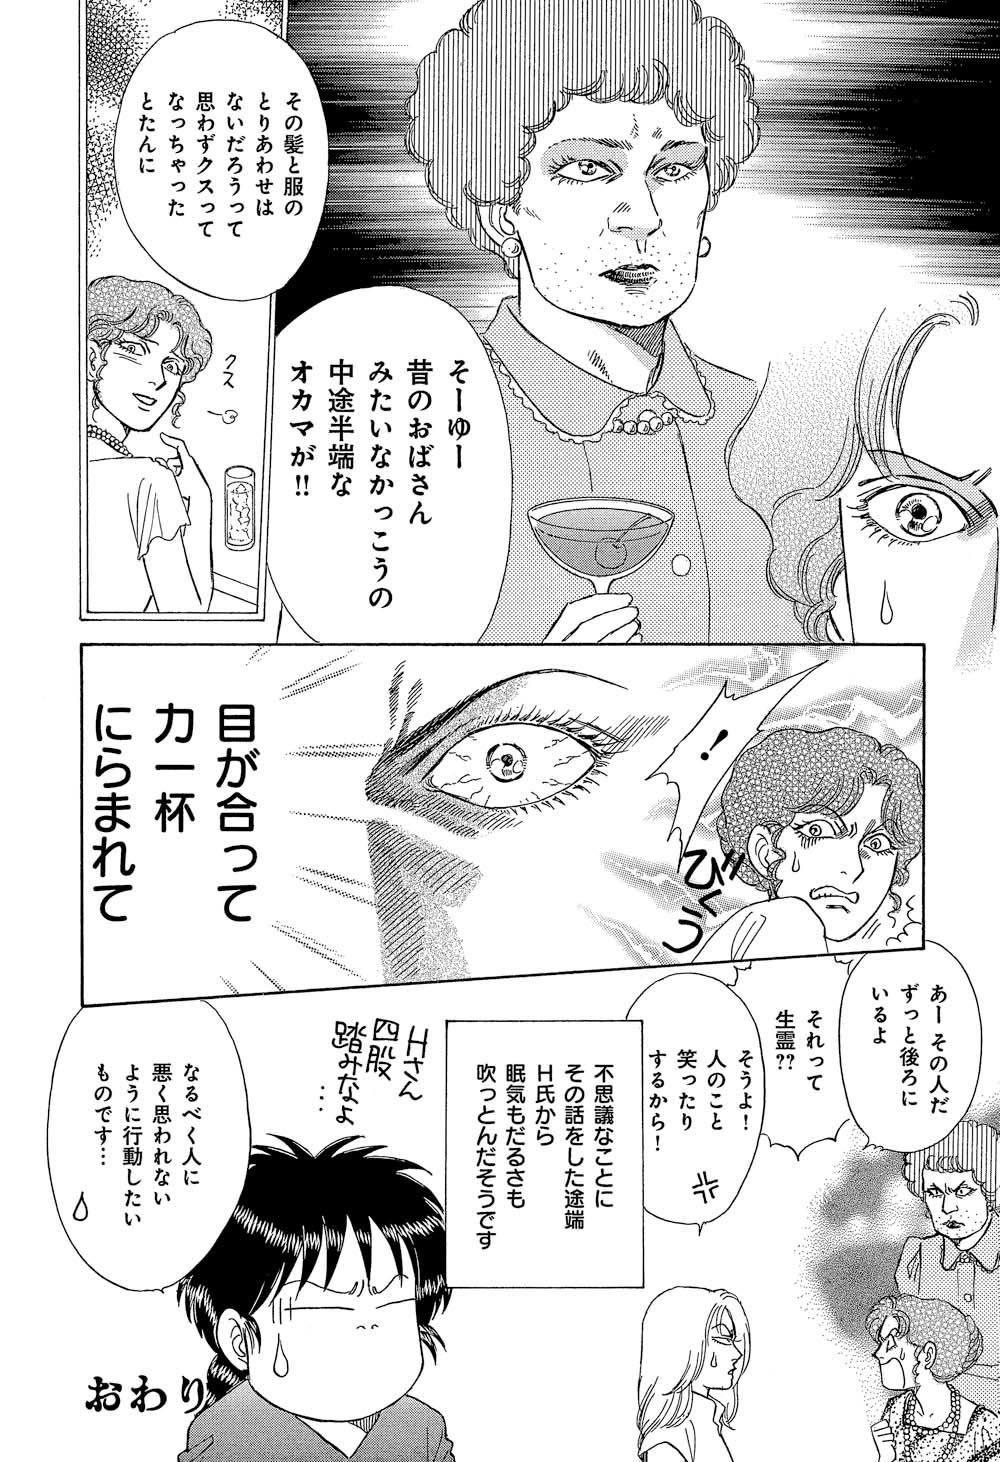 オカルト万華鏡01_099.jpg